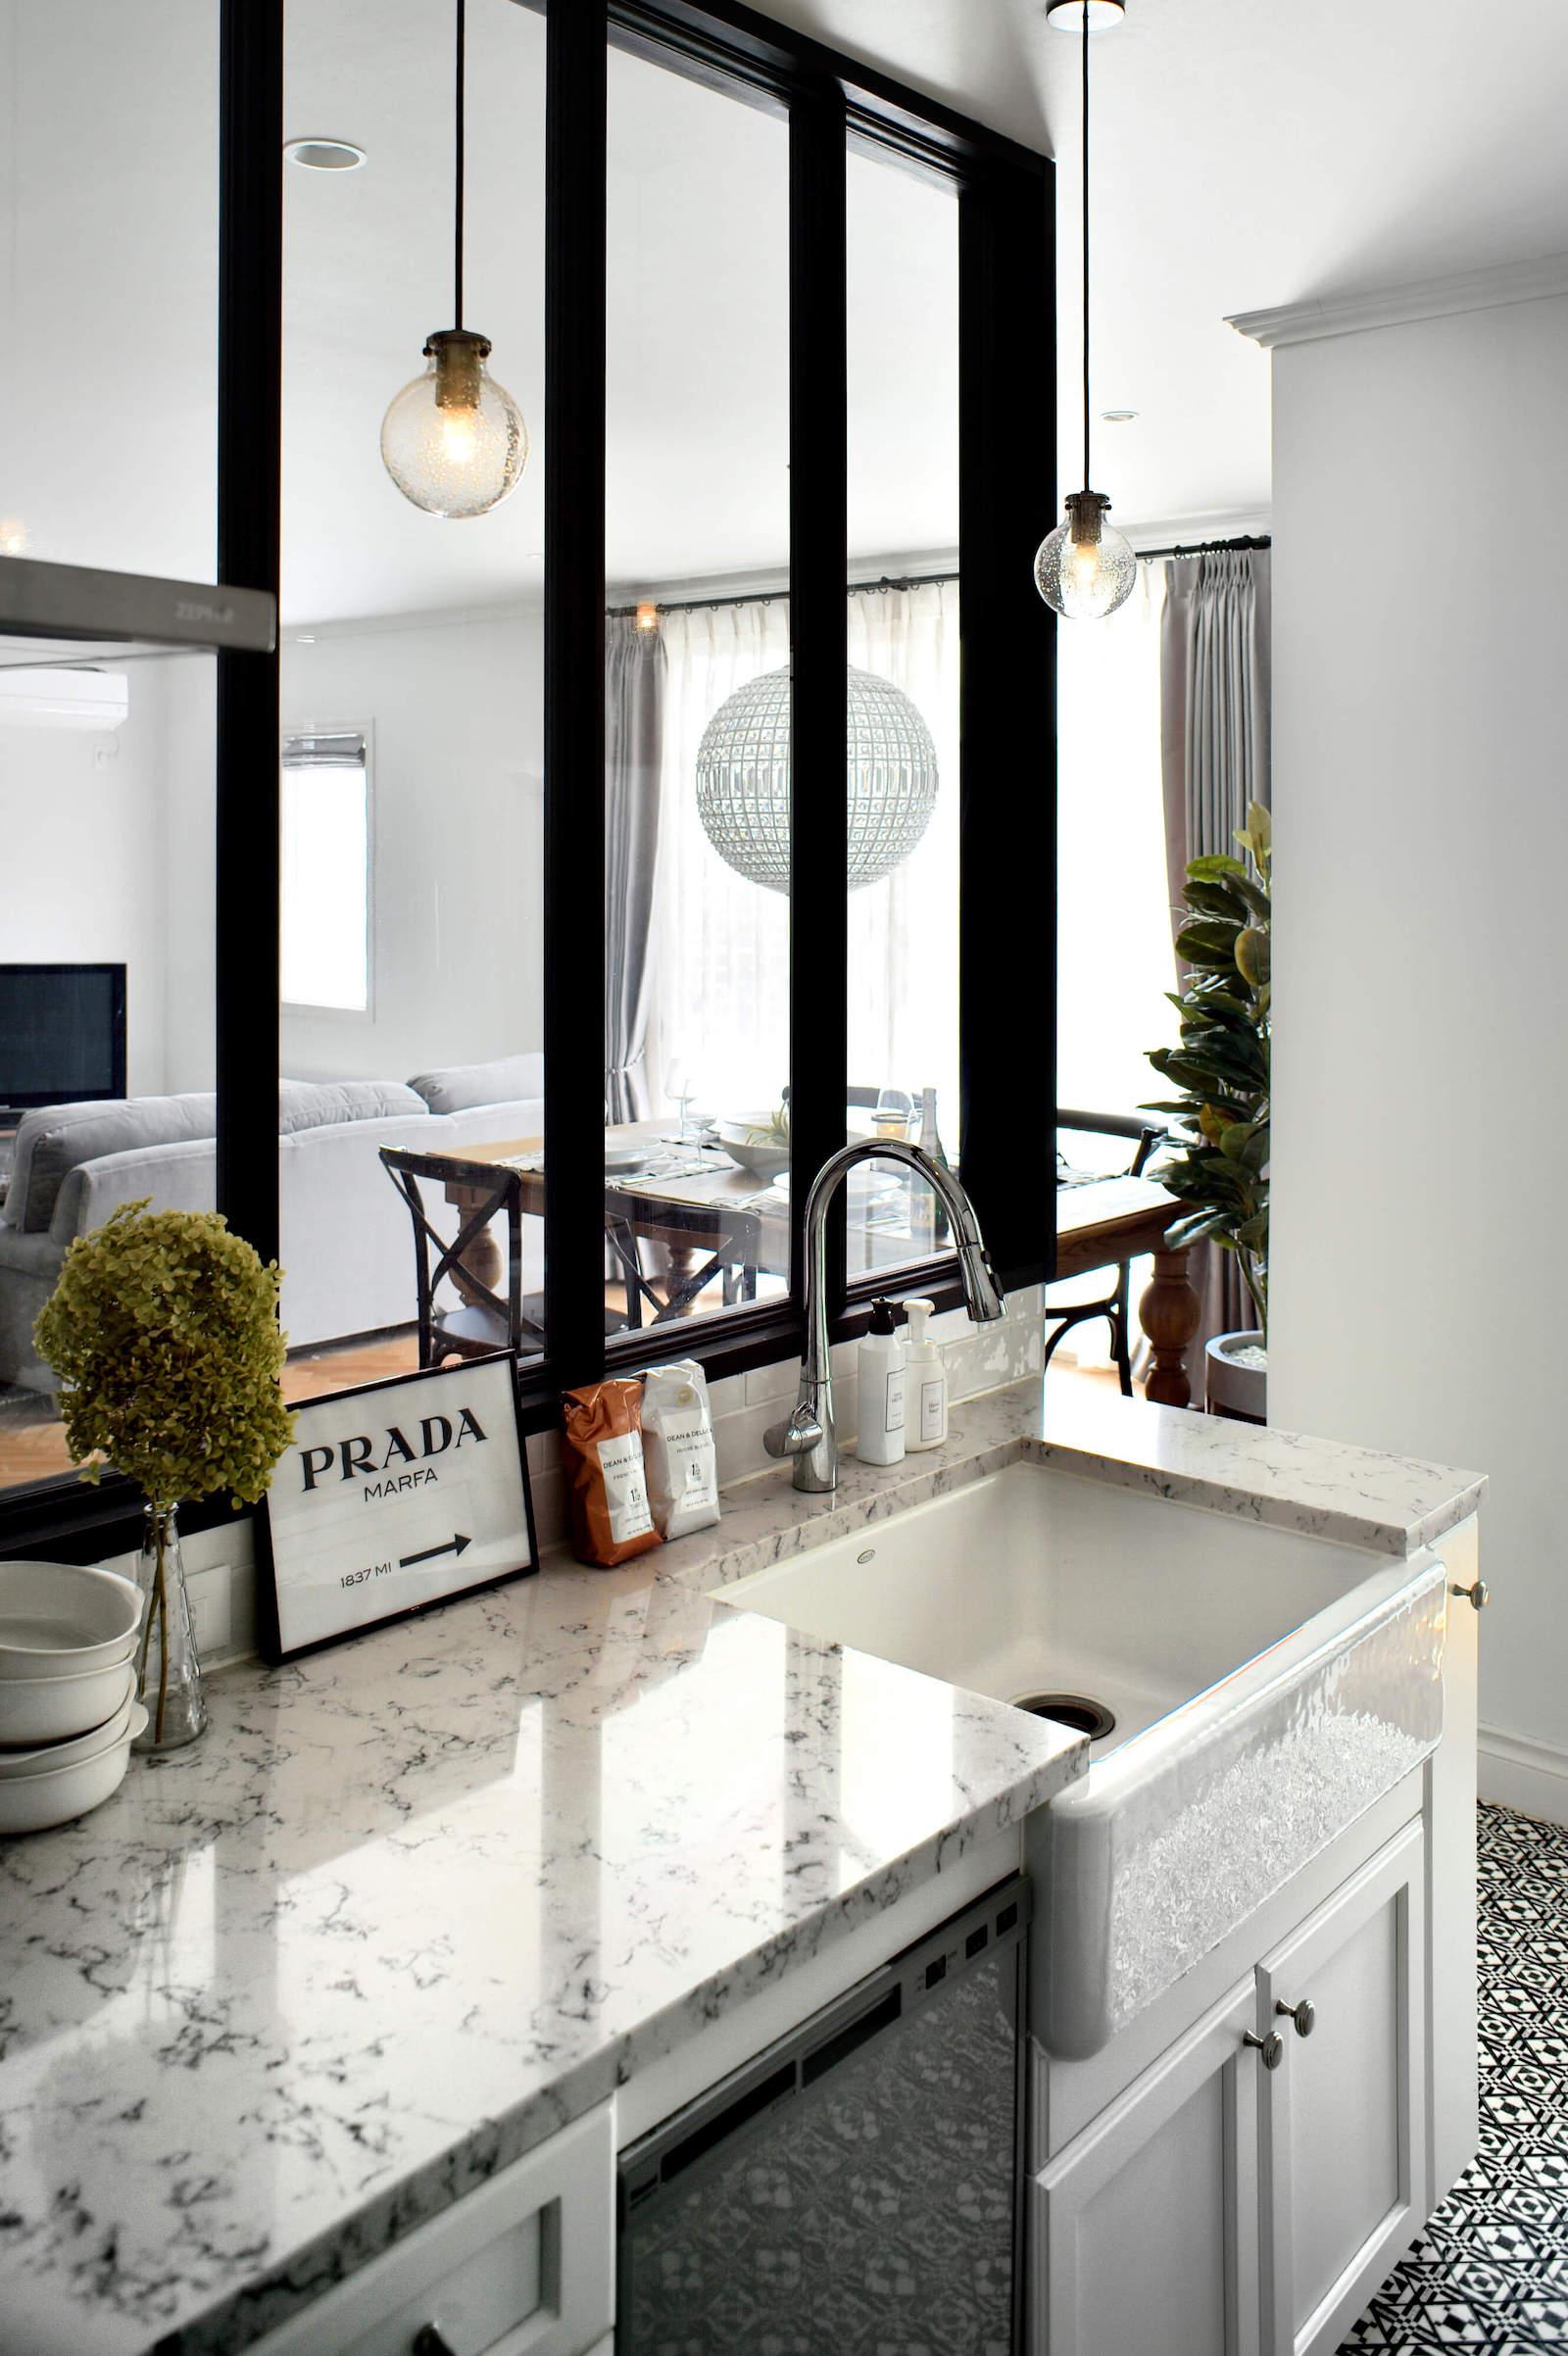 パリアパルトマンスタイルのガレージハウスのキッチン